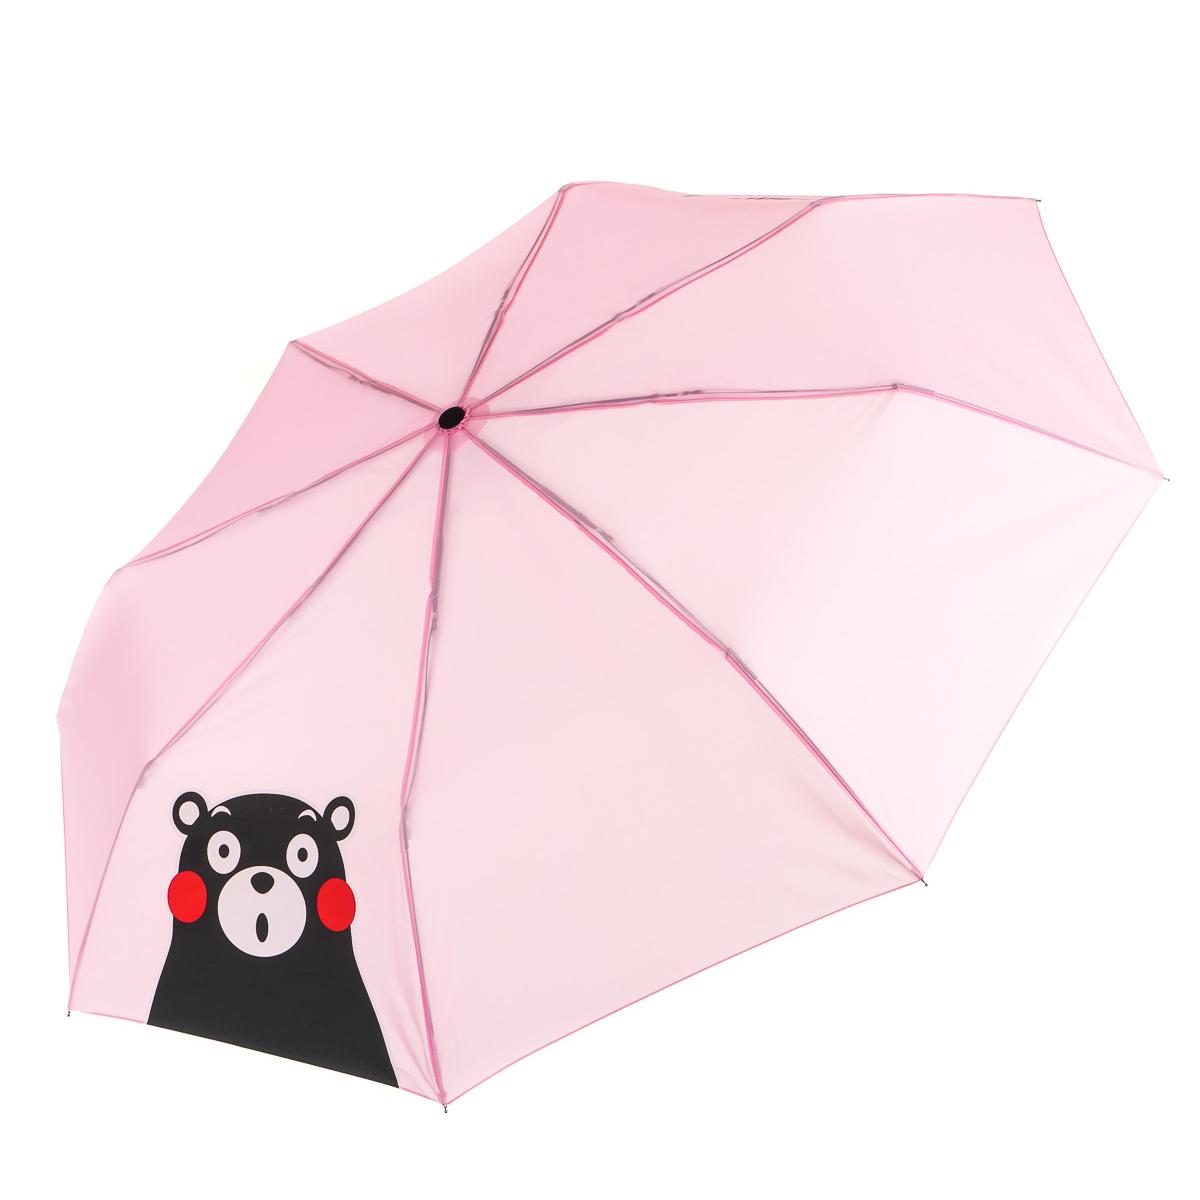 Зонт складной розовый Кумамон